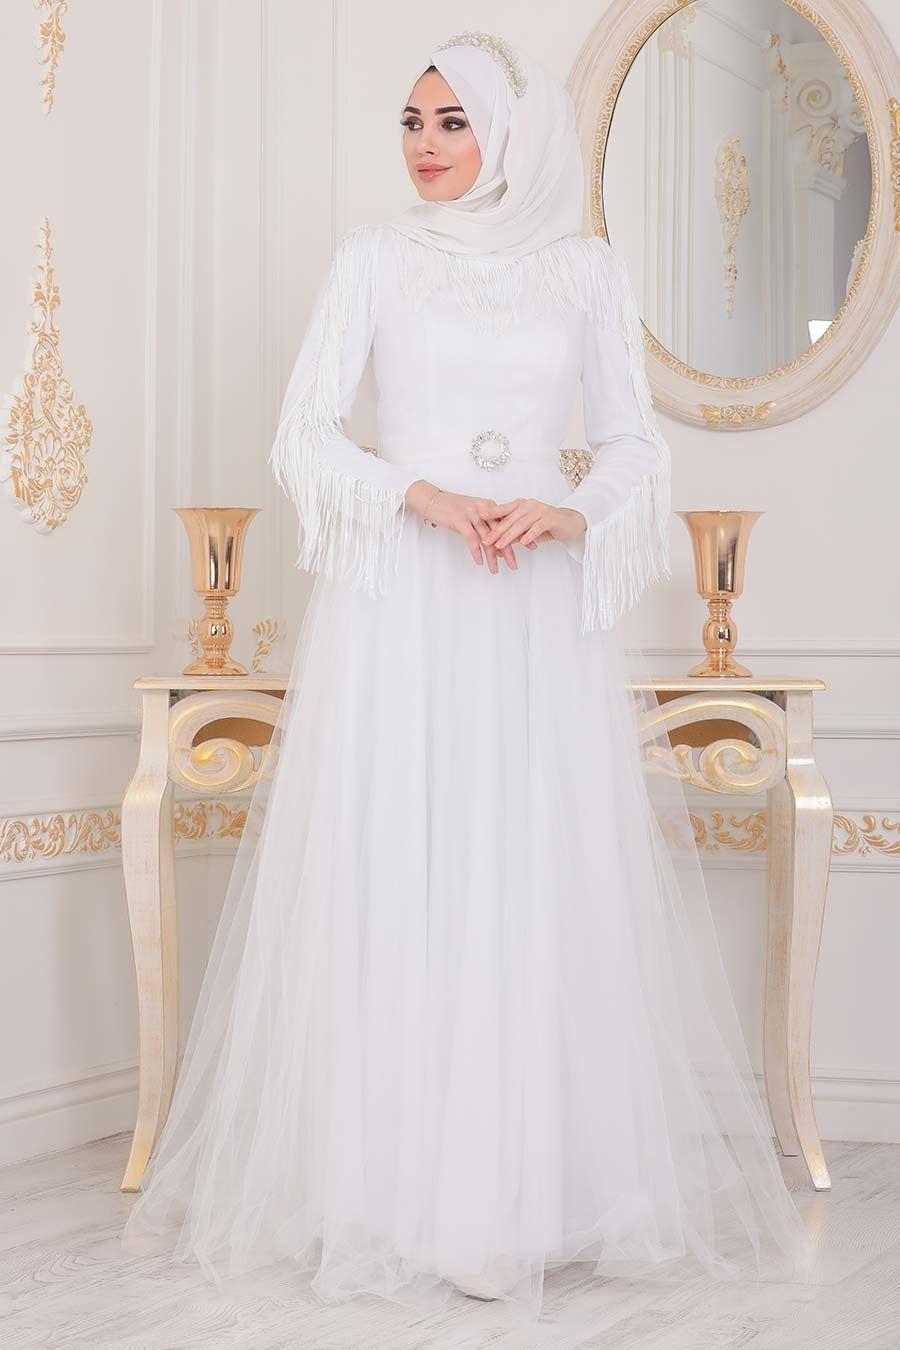 Tesetturlu Abiye Elbise Puskullu Beyaz Tesettur Abiye Elbise 40242b Tesetturisland Com 2020 The Dress Elbise Elbiseler